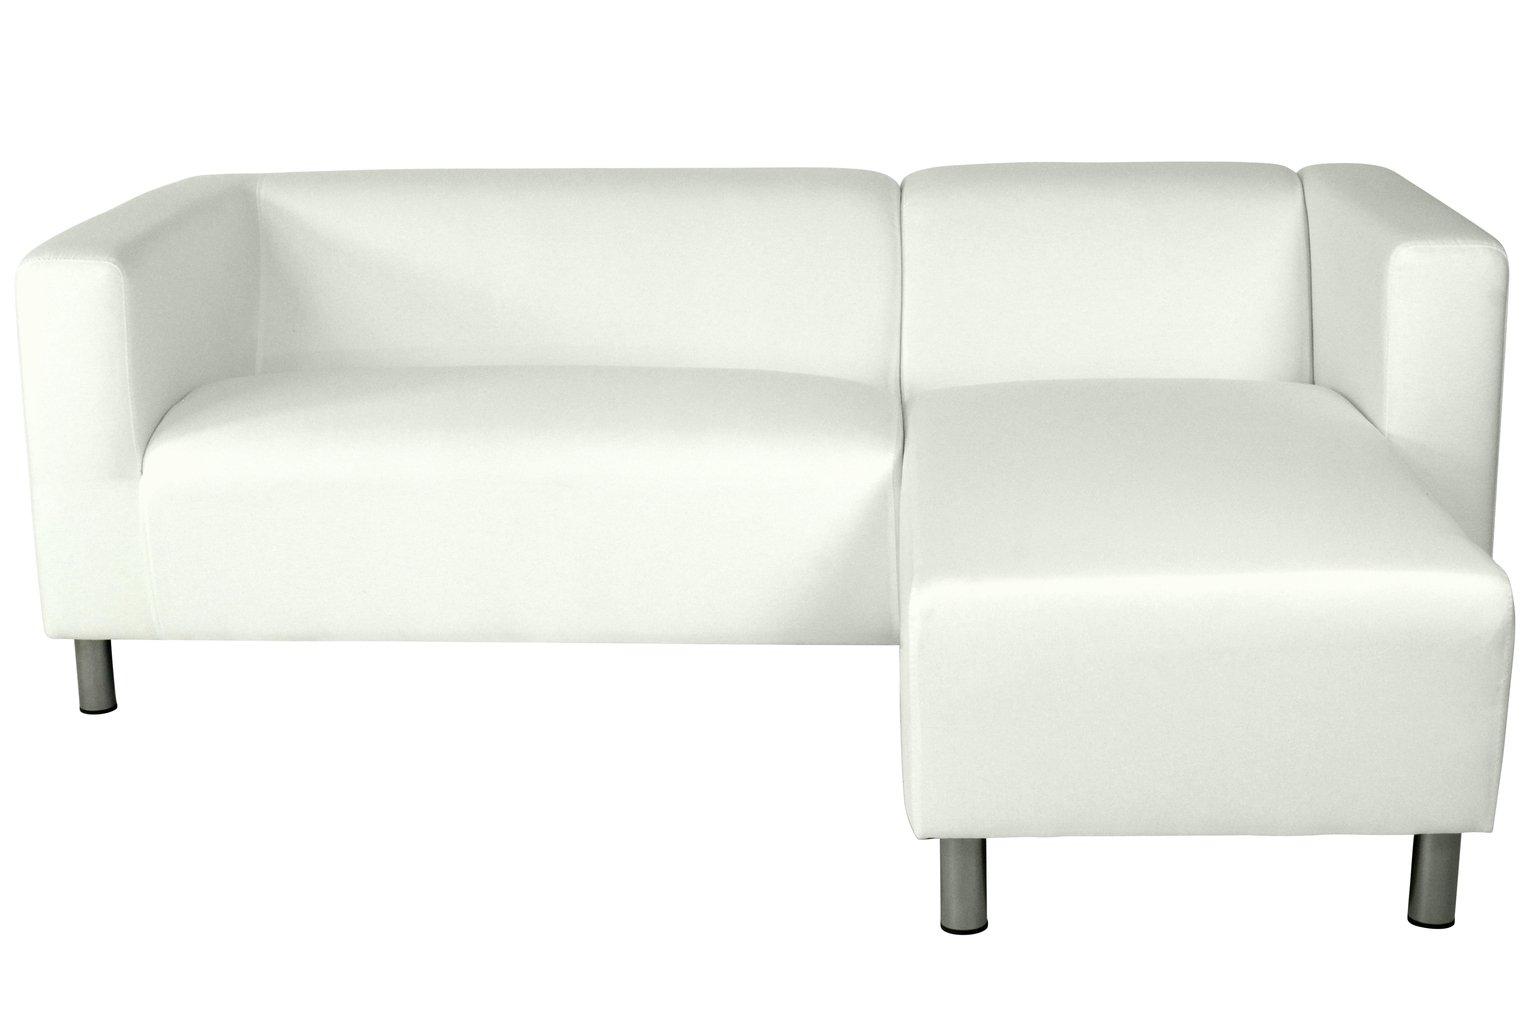 'Colourmatch - Moda - Fabric Right Hand Corner Sofa - Super White